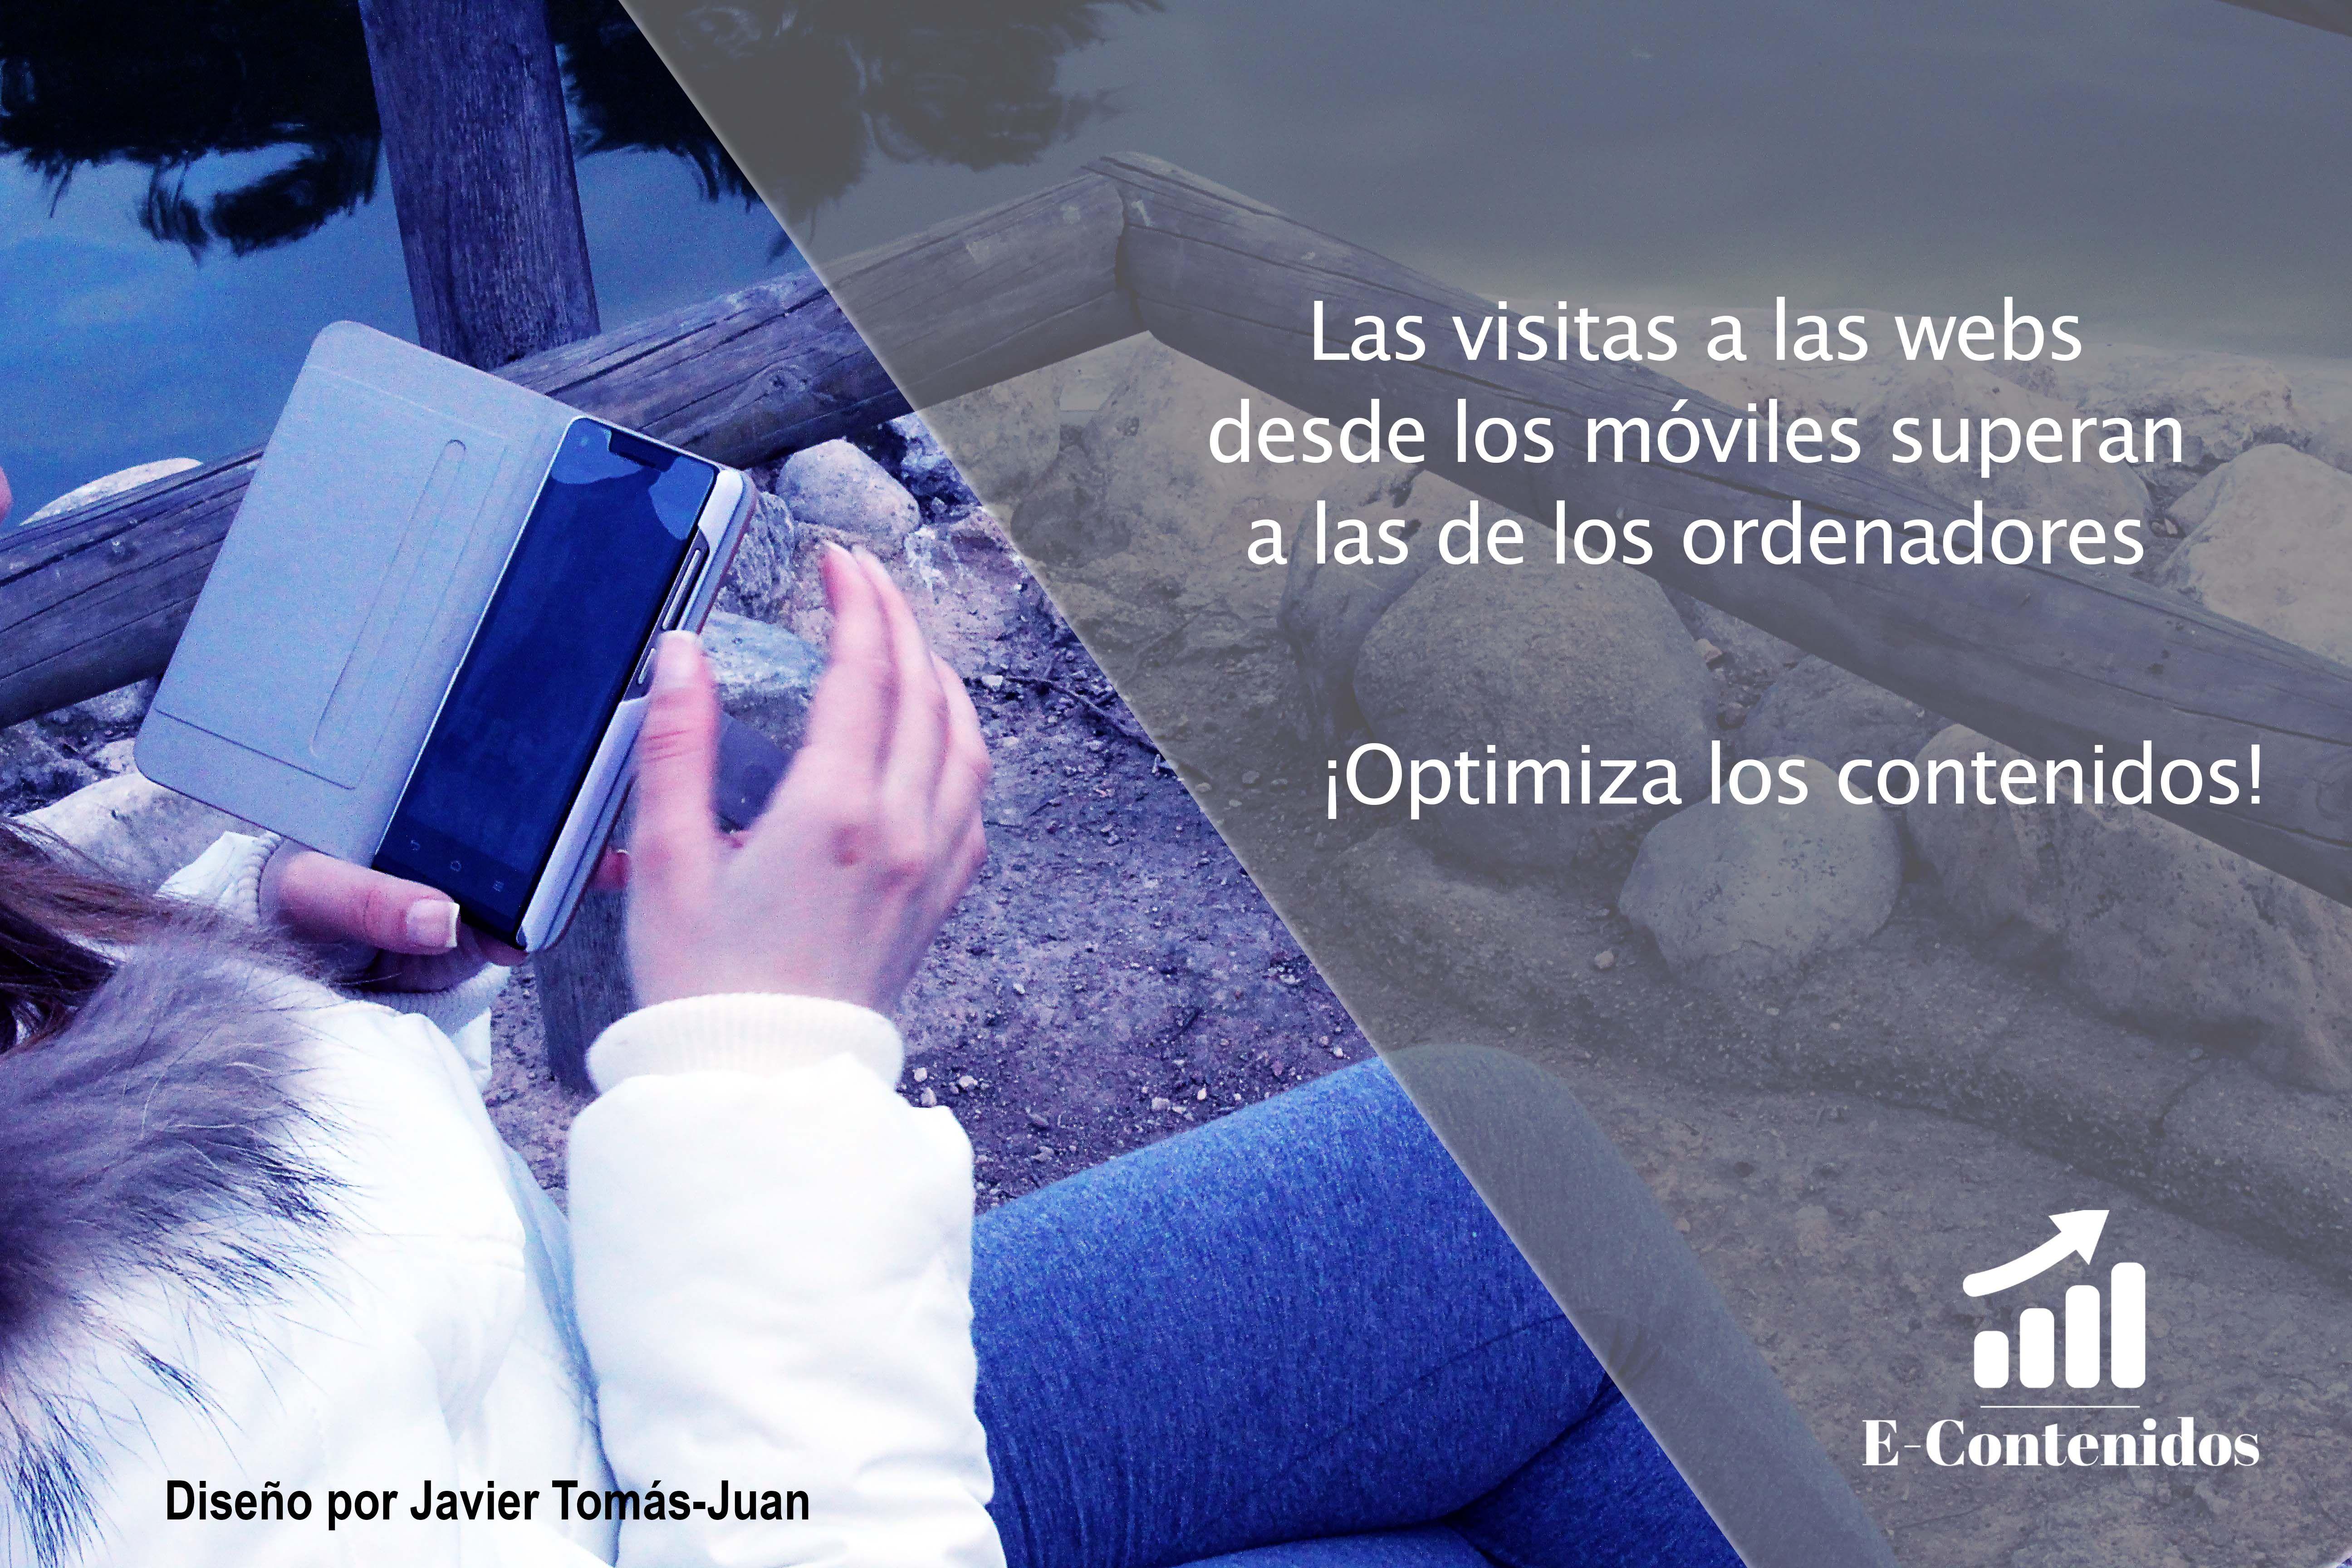 ¿Sabes que las visitas desde móviles superan a las de ordenadores? ¡Consulta cómo optimizar los contenidos para ser visible en internet!